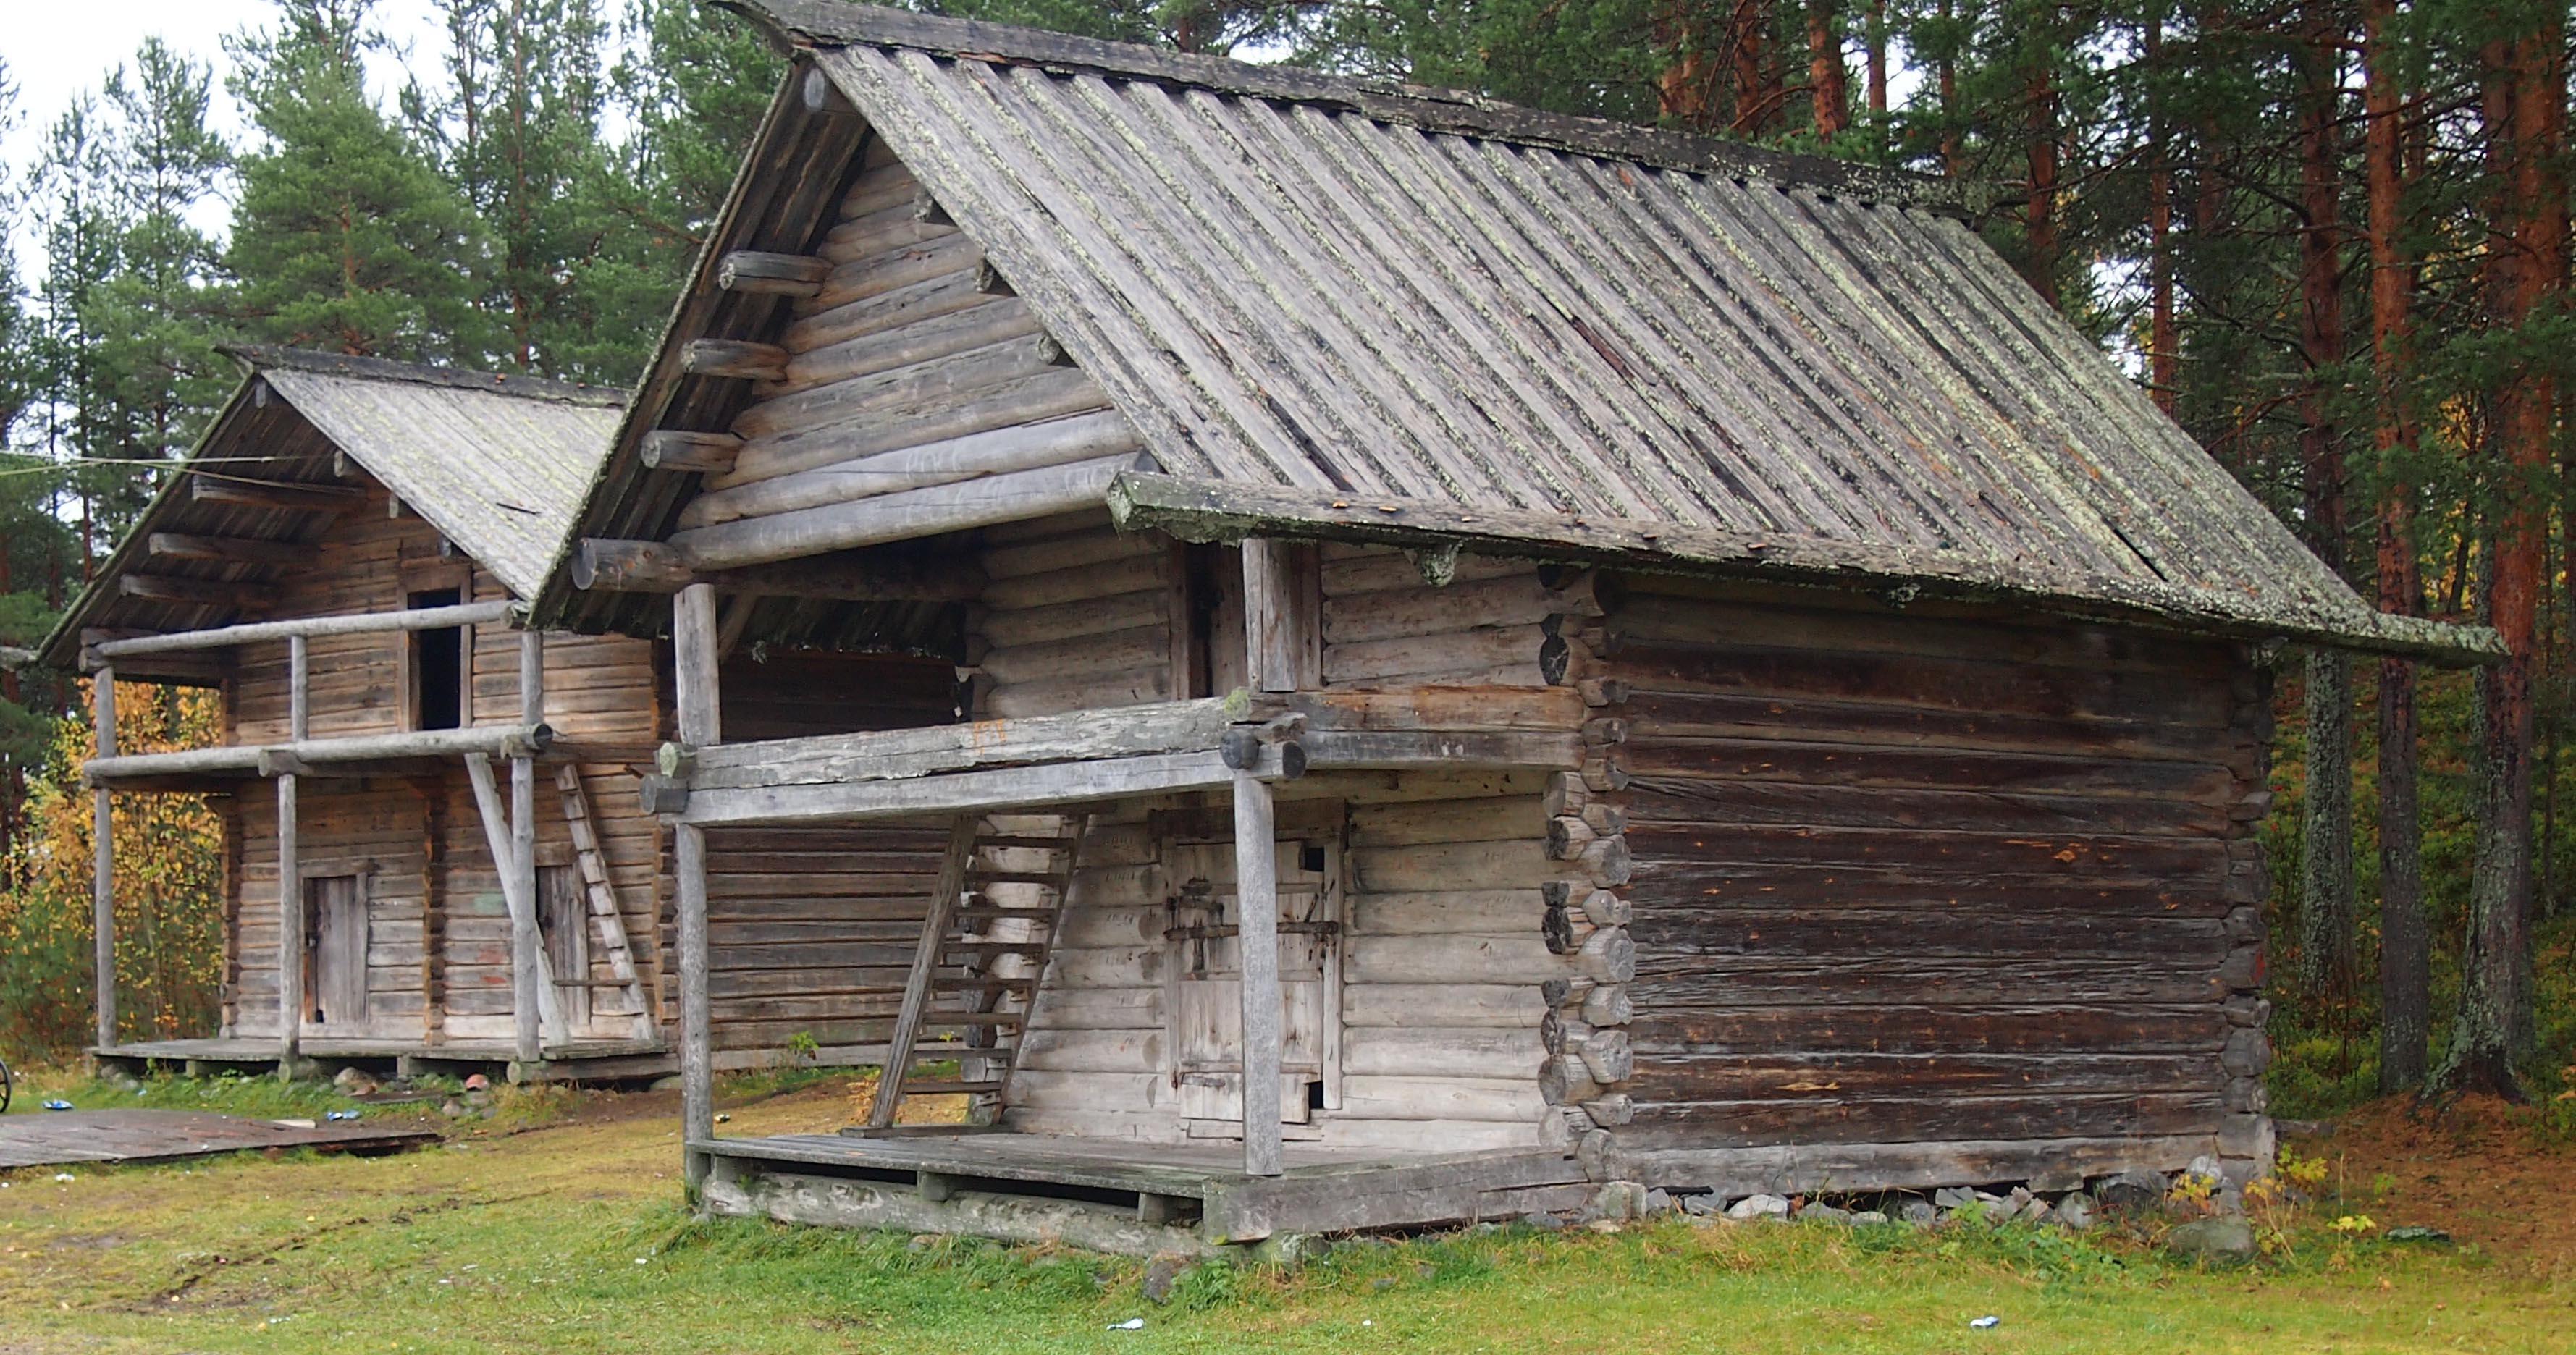 Исторические постройки в центре деревни Вокнаволок. Фото: Валерий Поташов